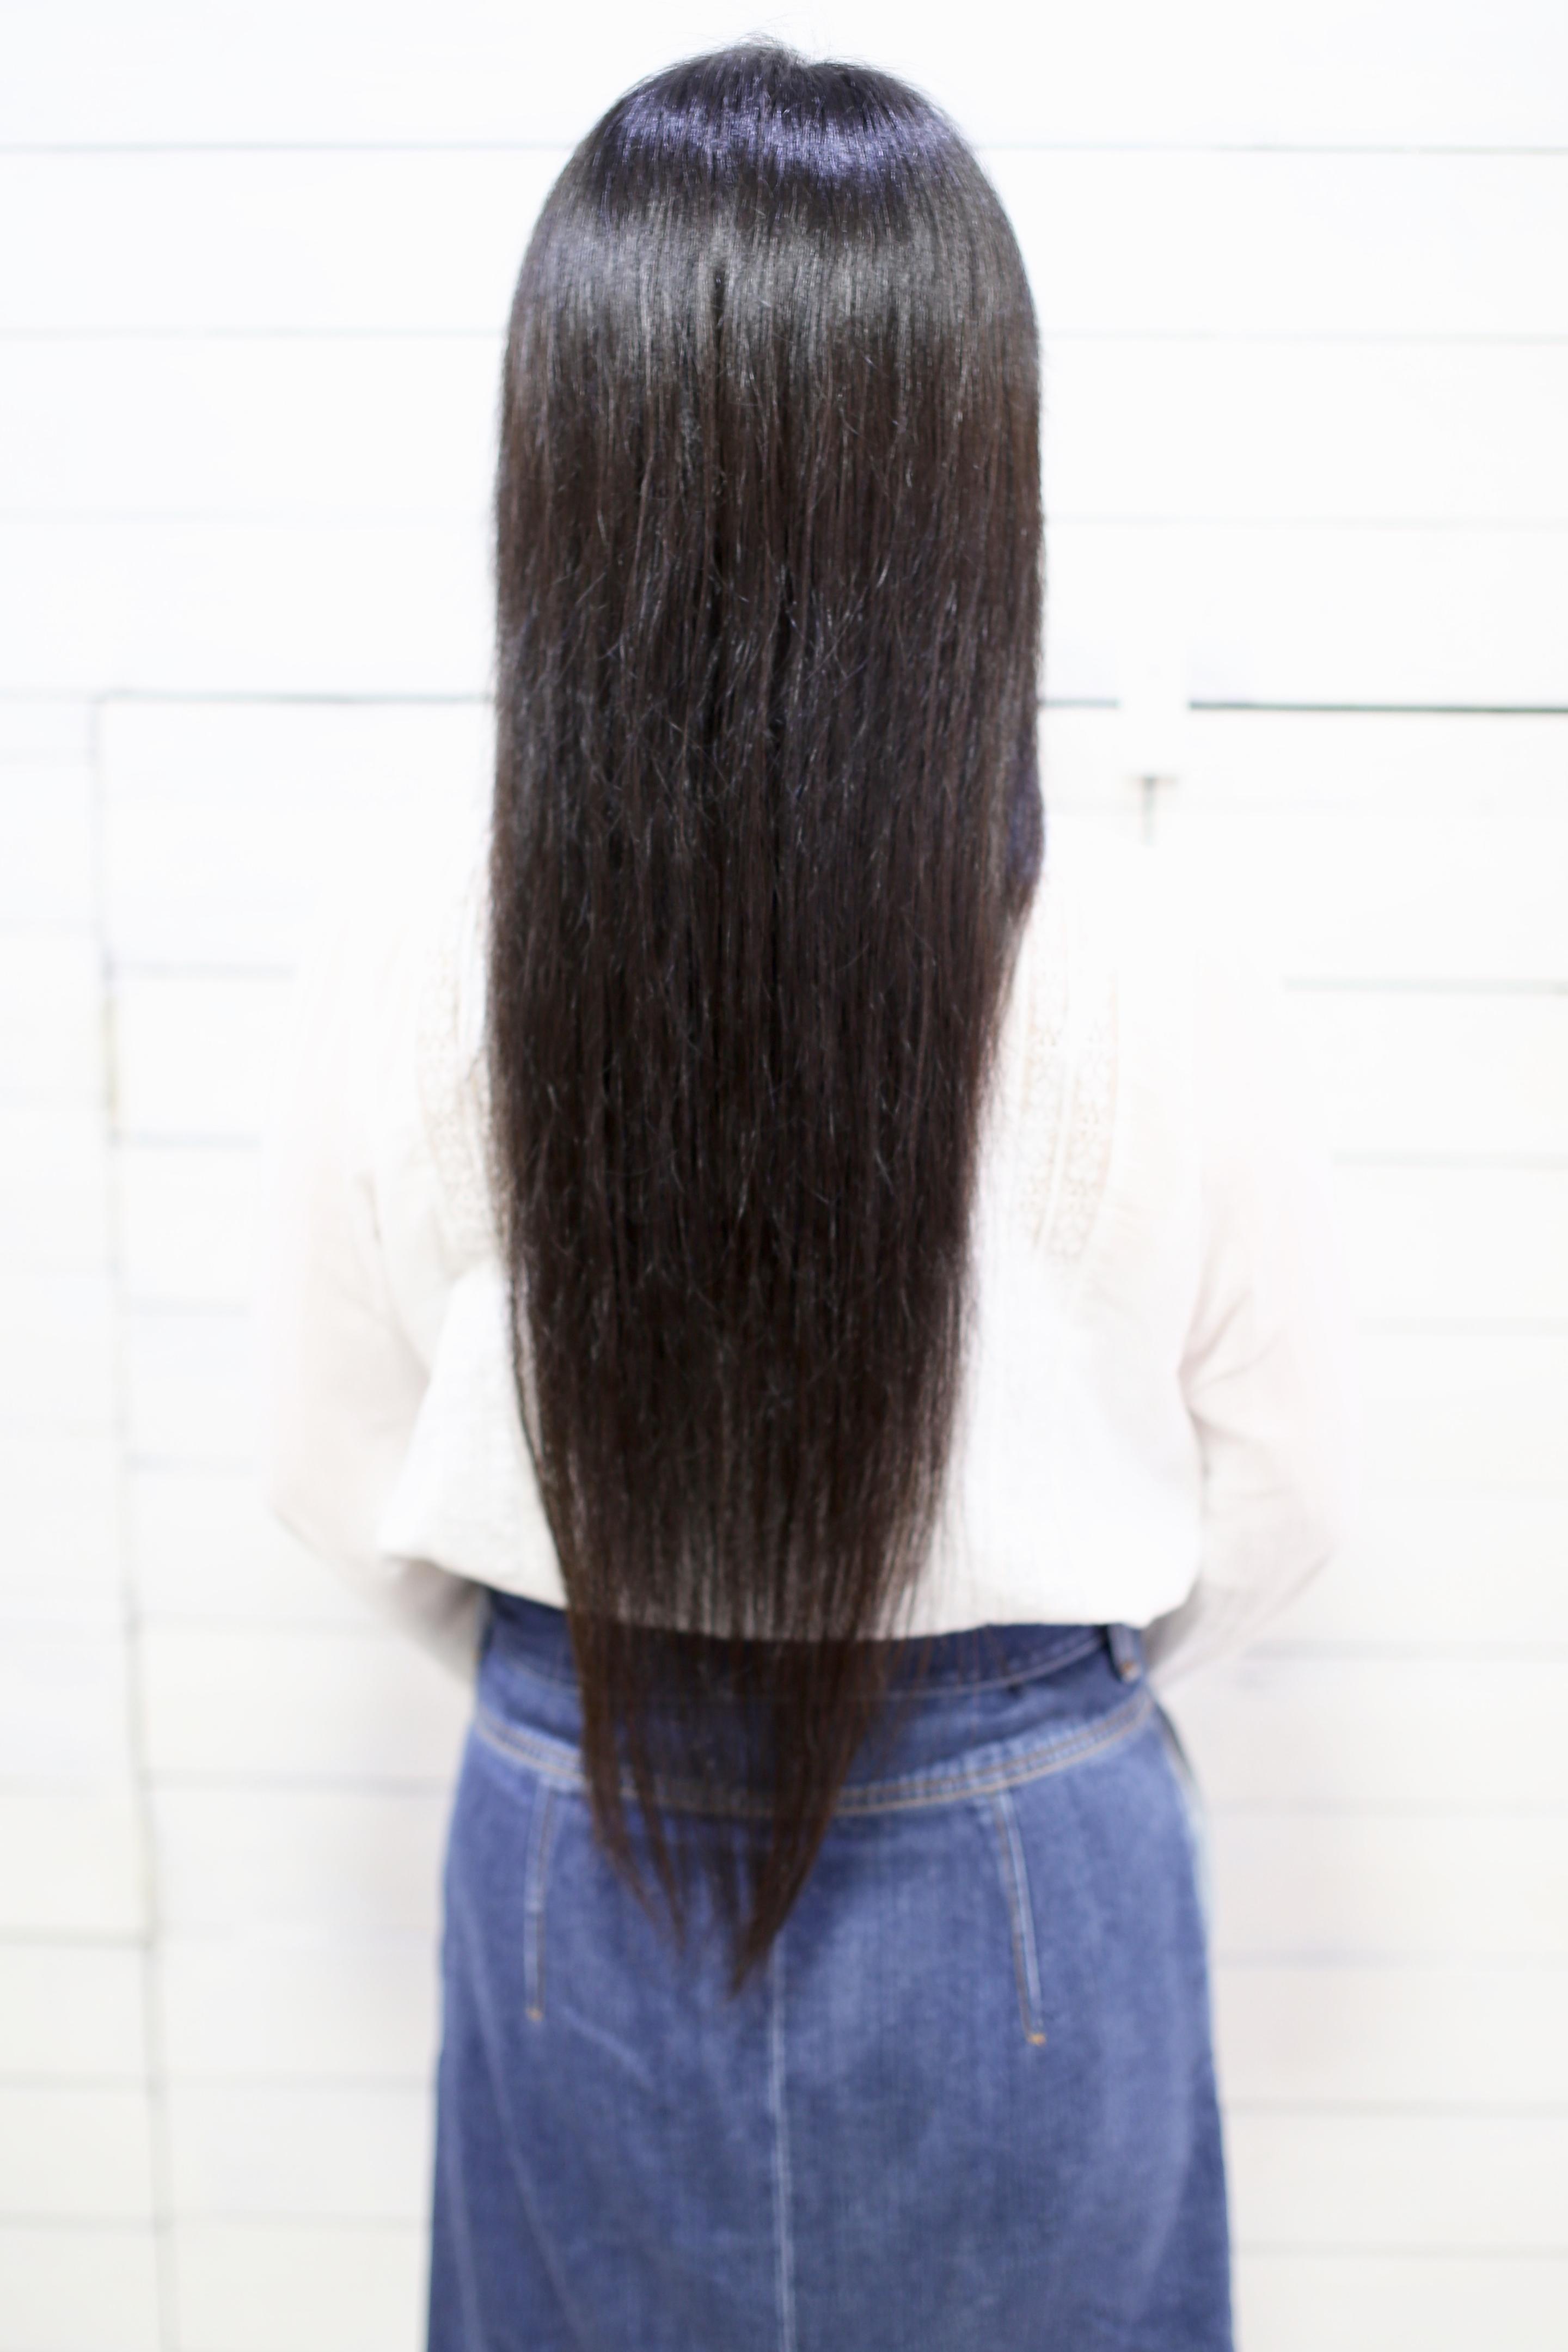 新宿歌舞伎町でヘアドネーションが出来る美容室savia